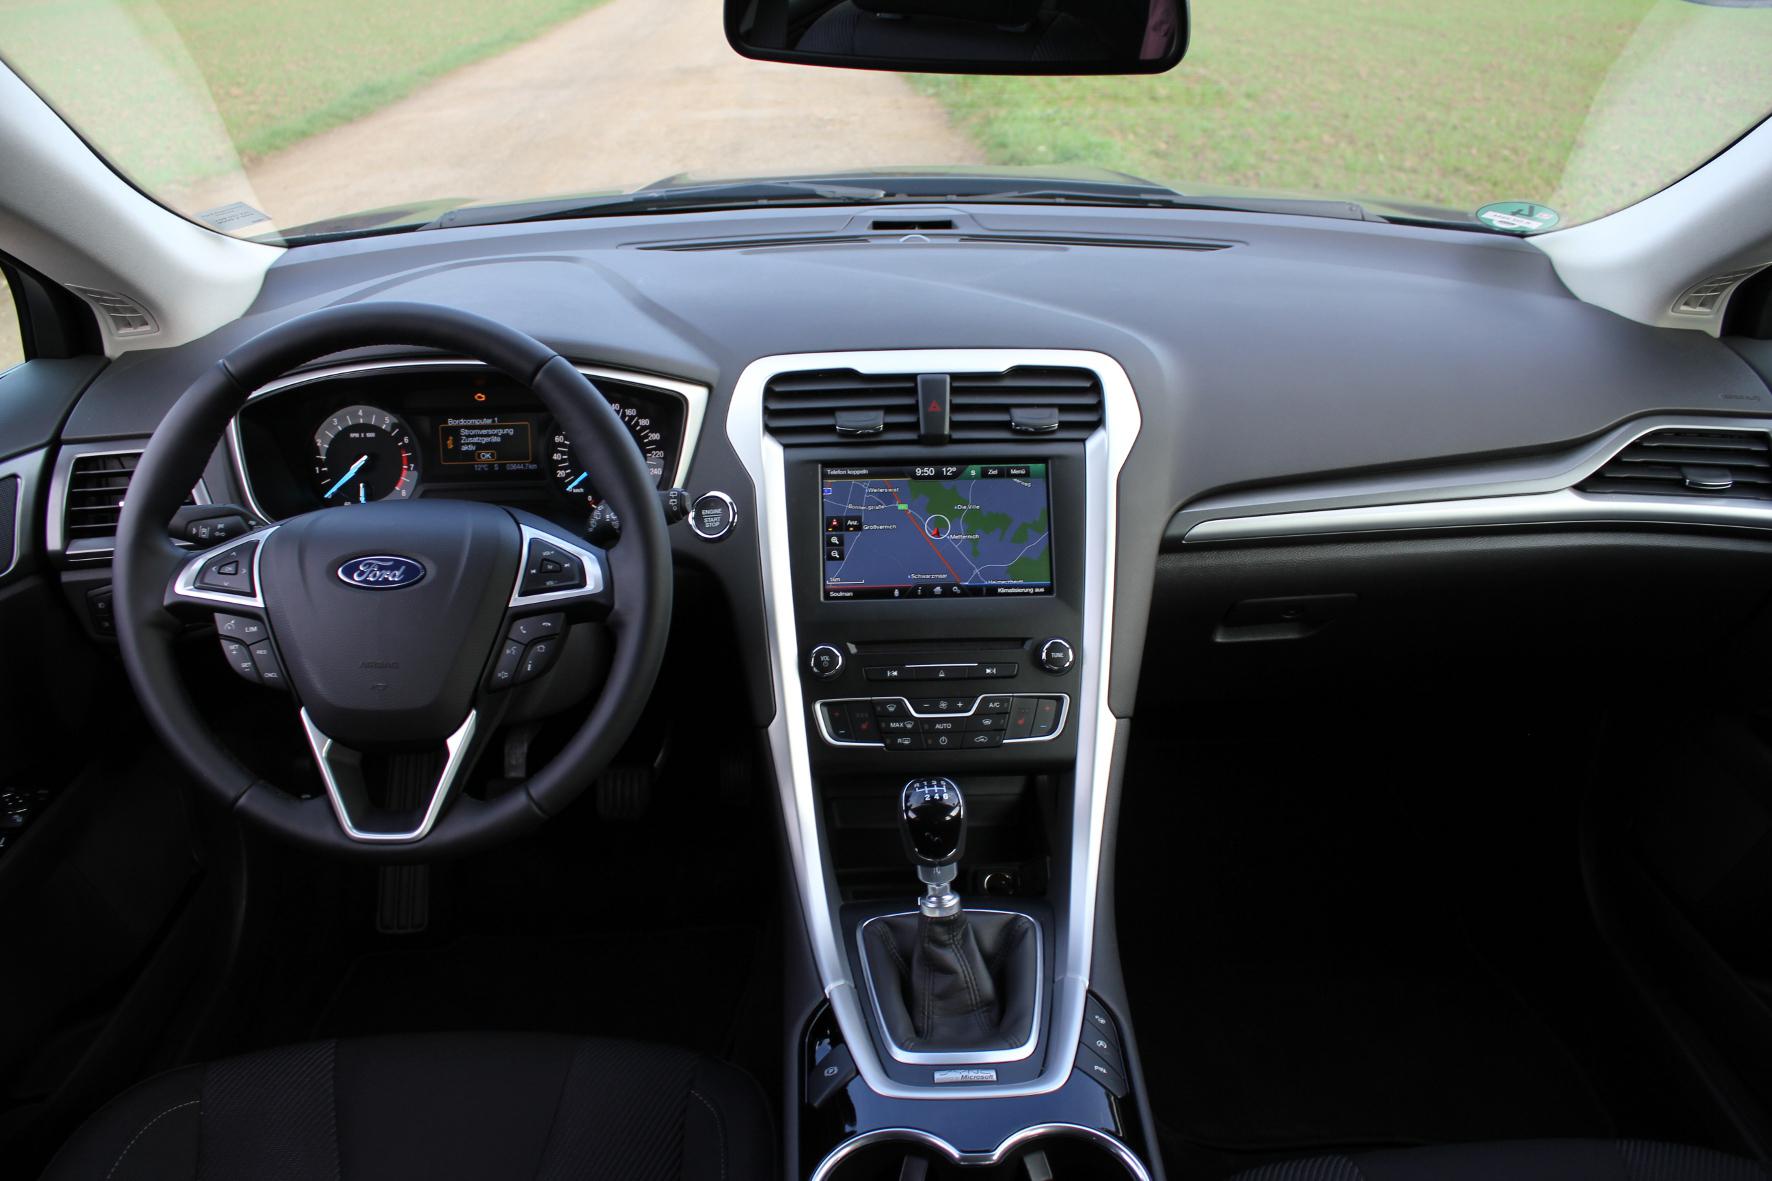 mid Groß-Gerau - Die deutschen Autofahrer legen bei der Ausstattung besonders hohen Wert auf Komfort- und Sicherheits-Merkmale. Am wichtigsten ist laut einer aktuellen Auswertung ein Navigationssystem.